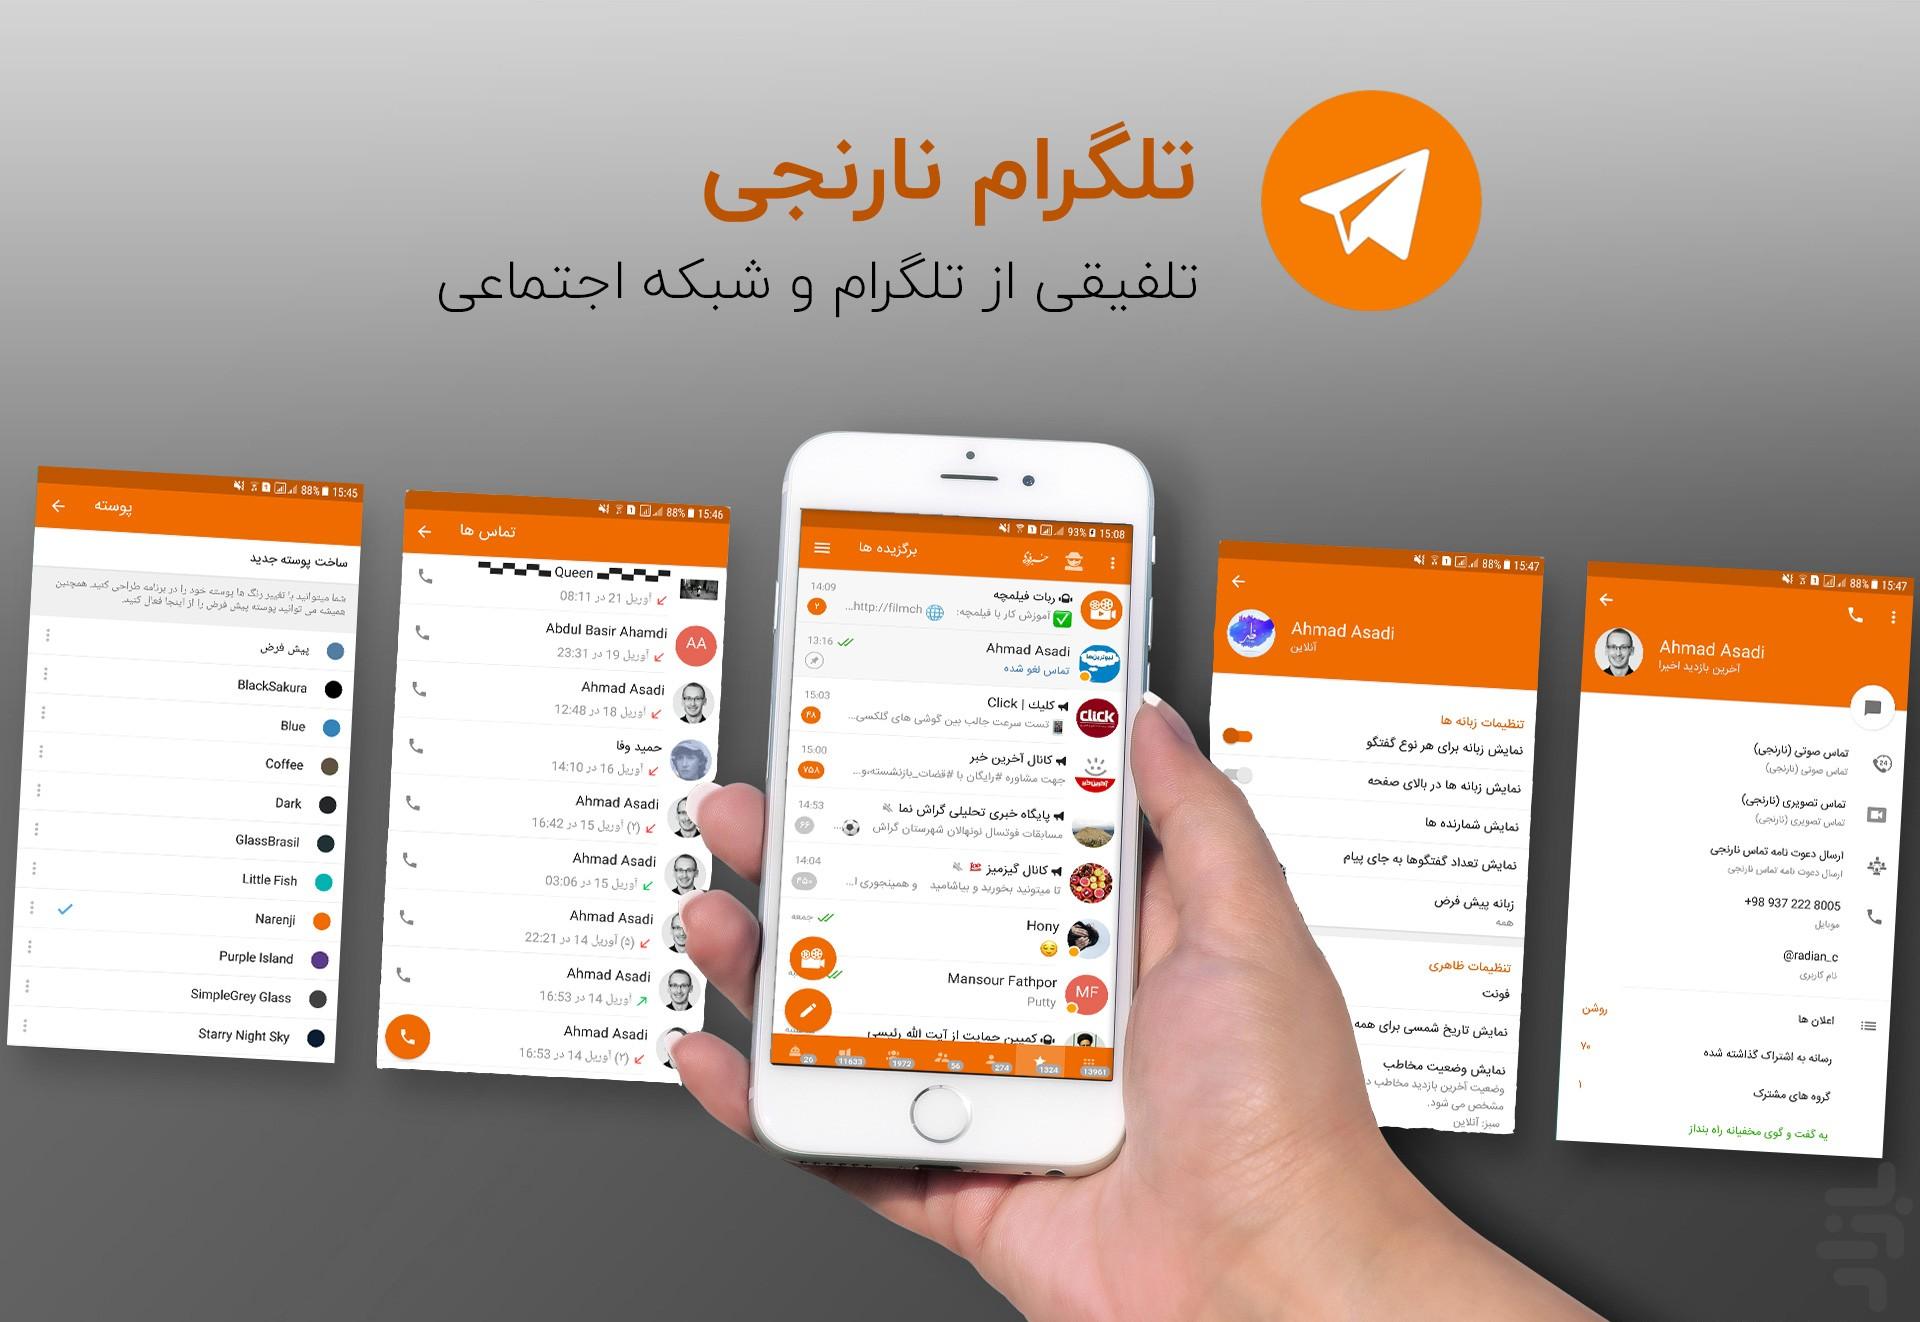 تلگرام نارنجی : تلگرام فارسی با قابلیت تماس صوتی و تصویری